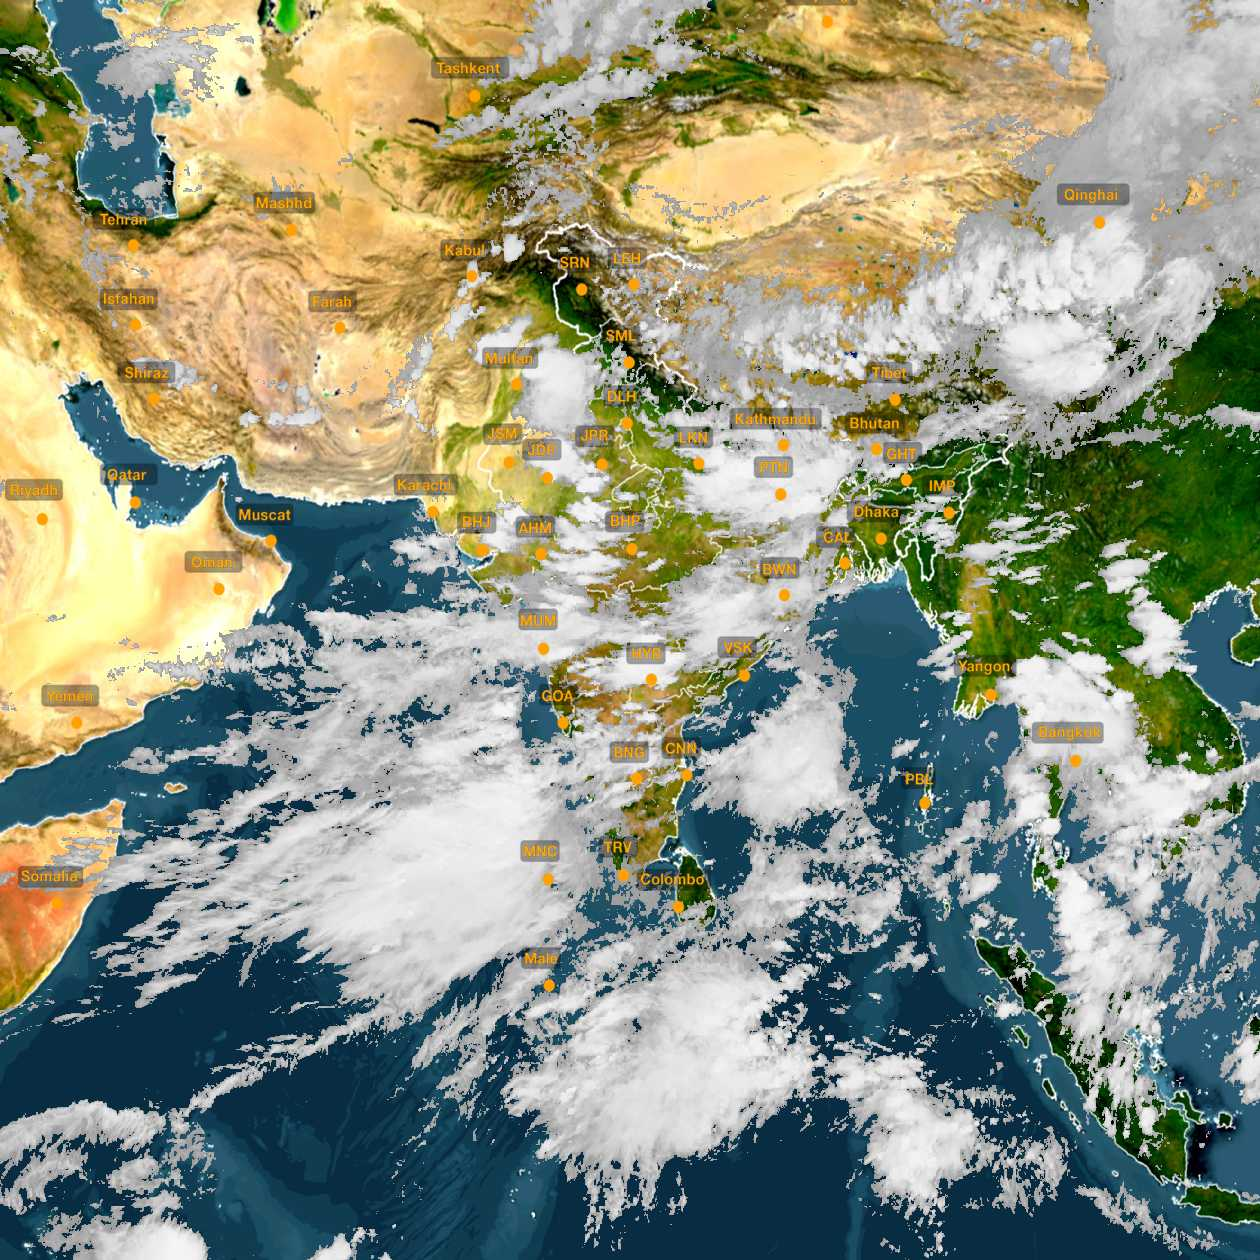 weather forecast satellite map india Quglrep Vwt68m weather forecast satellite map india